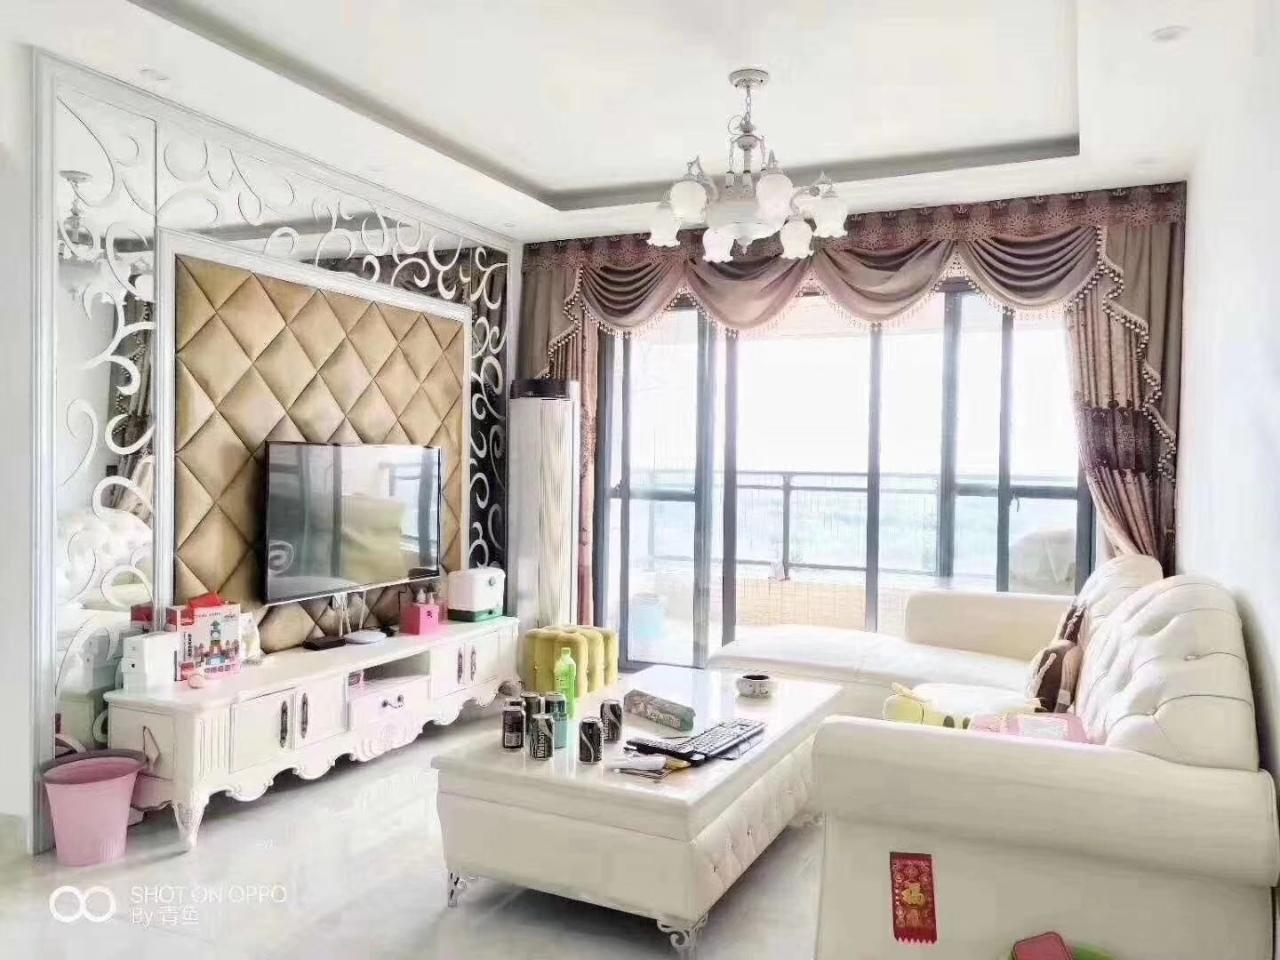 水榭丹堤精装两房直售64万元